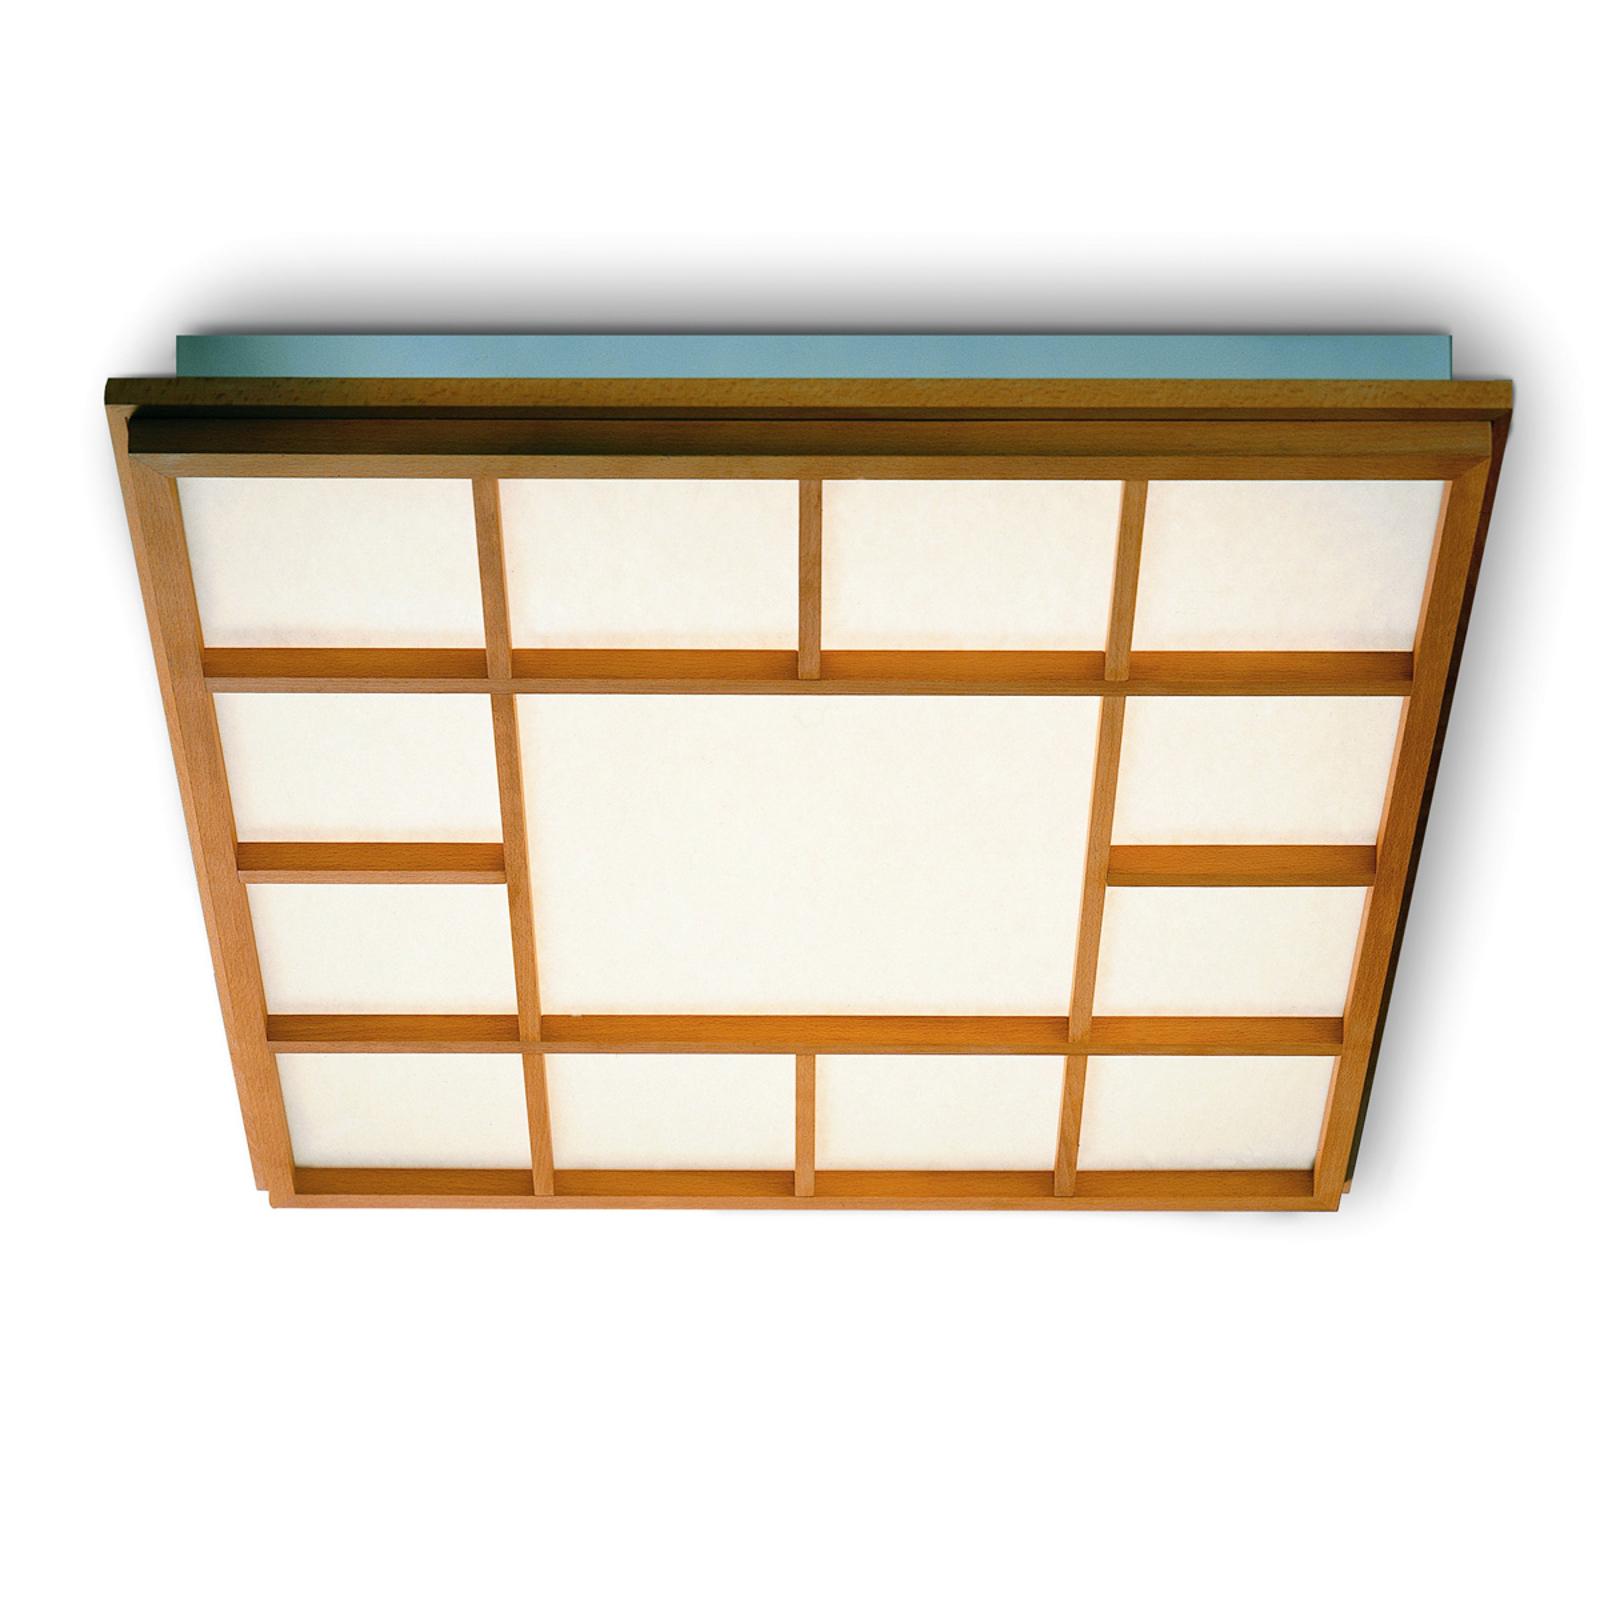 Quadratische LED-Deckenleuchte Kioto 13, Buche